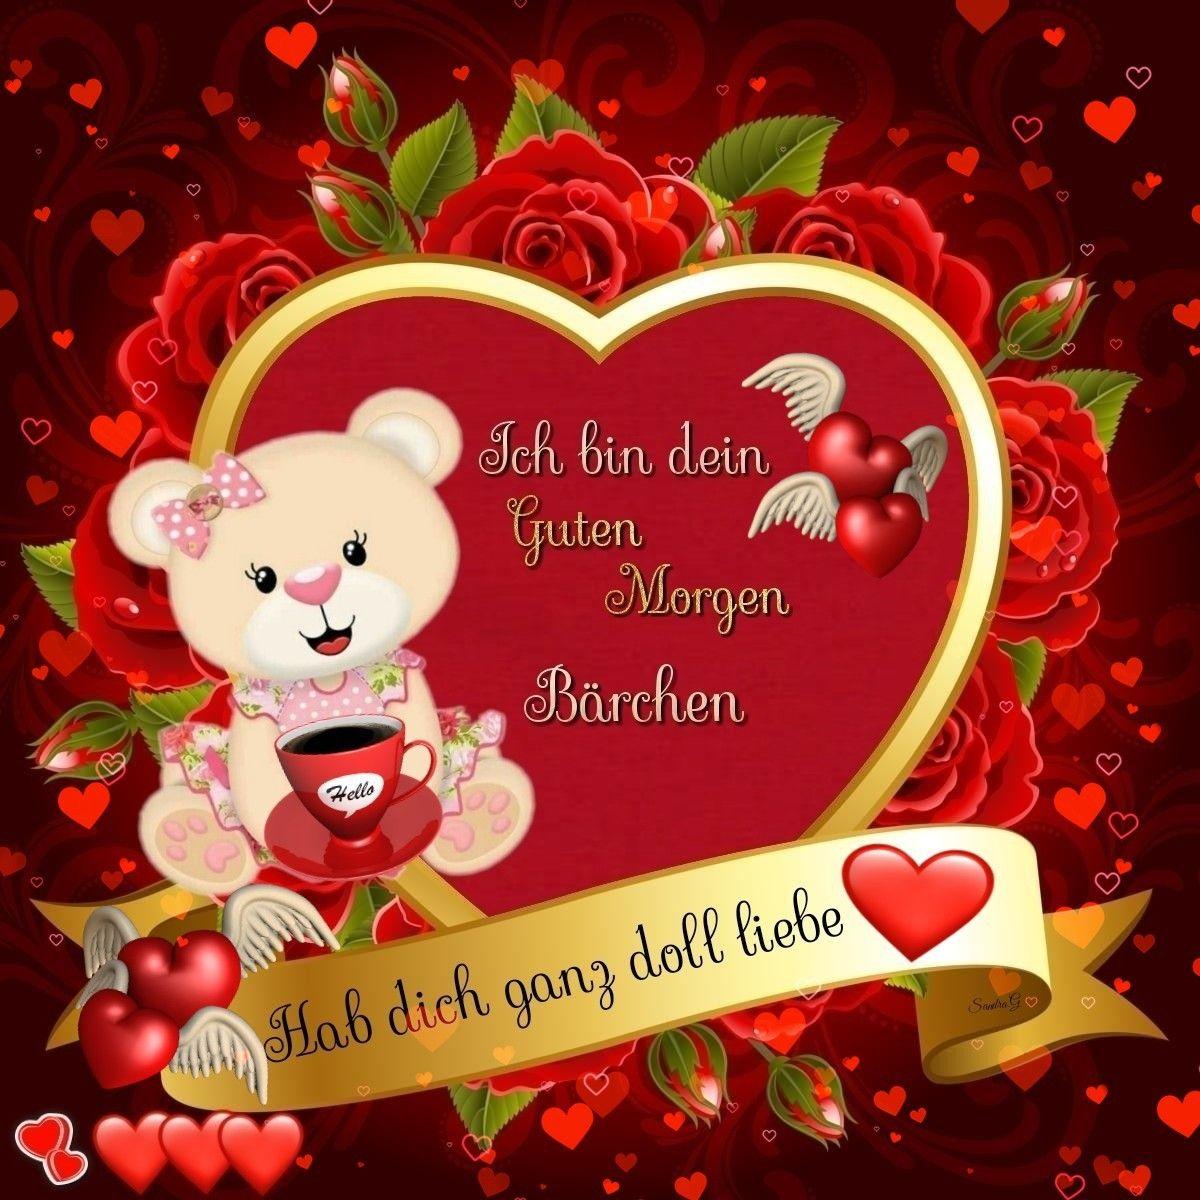 Guten morgen sprüche süße Süße Texte